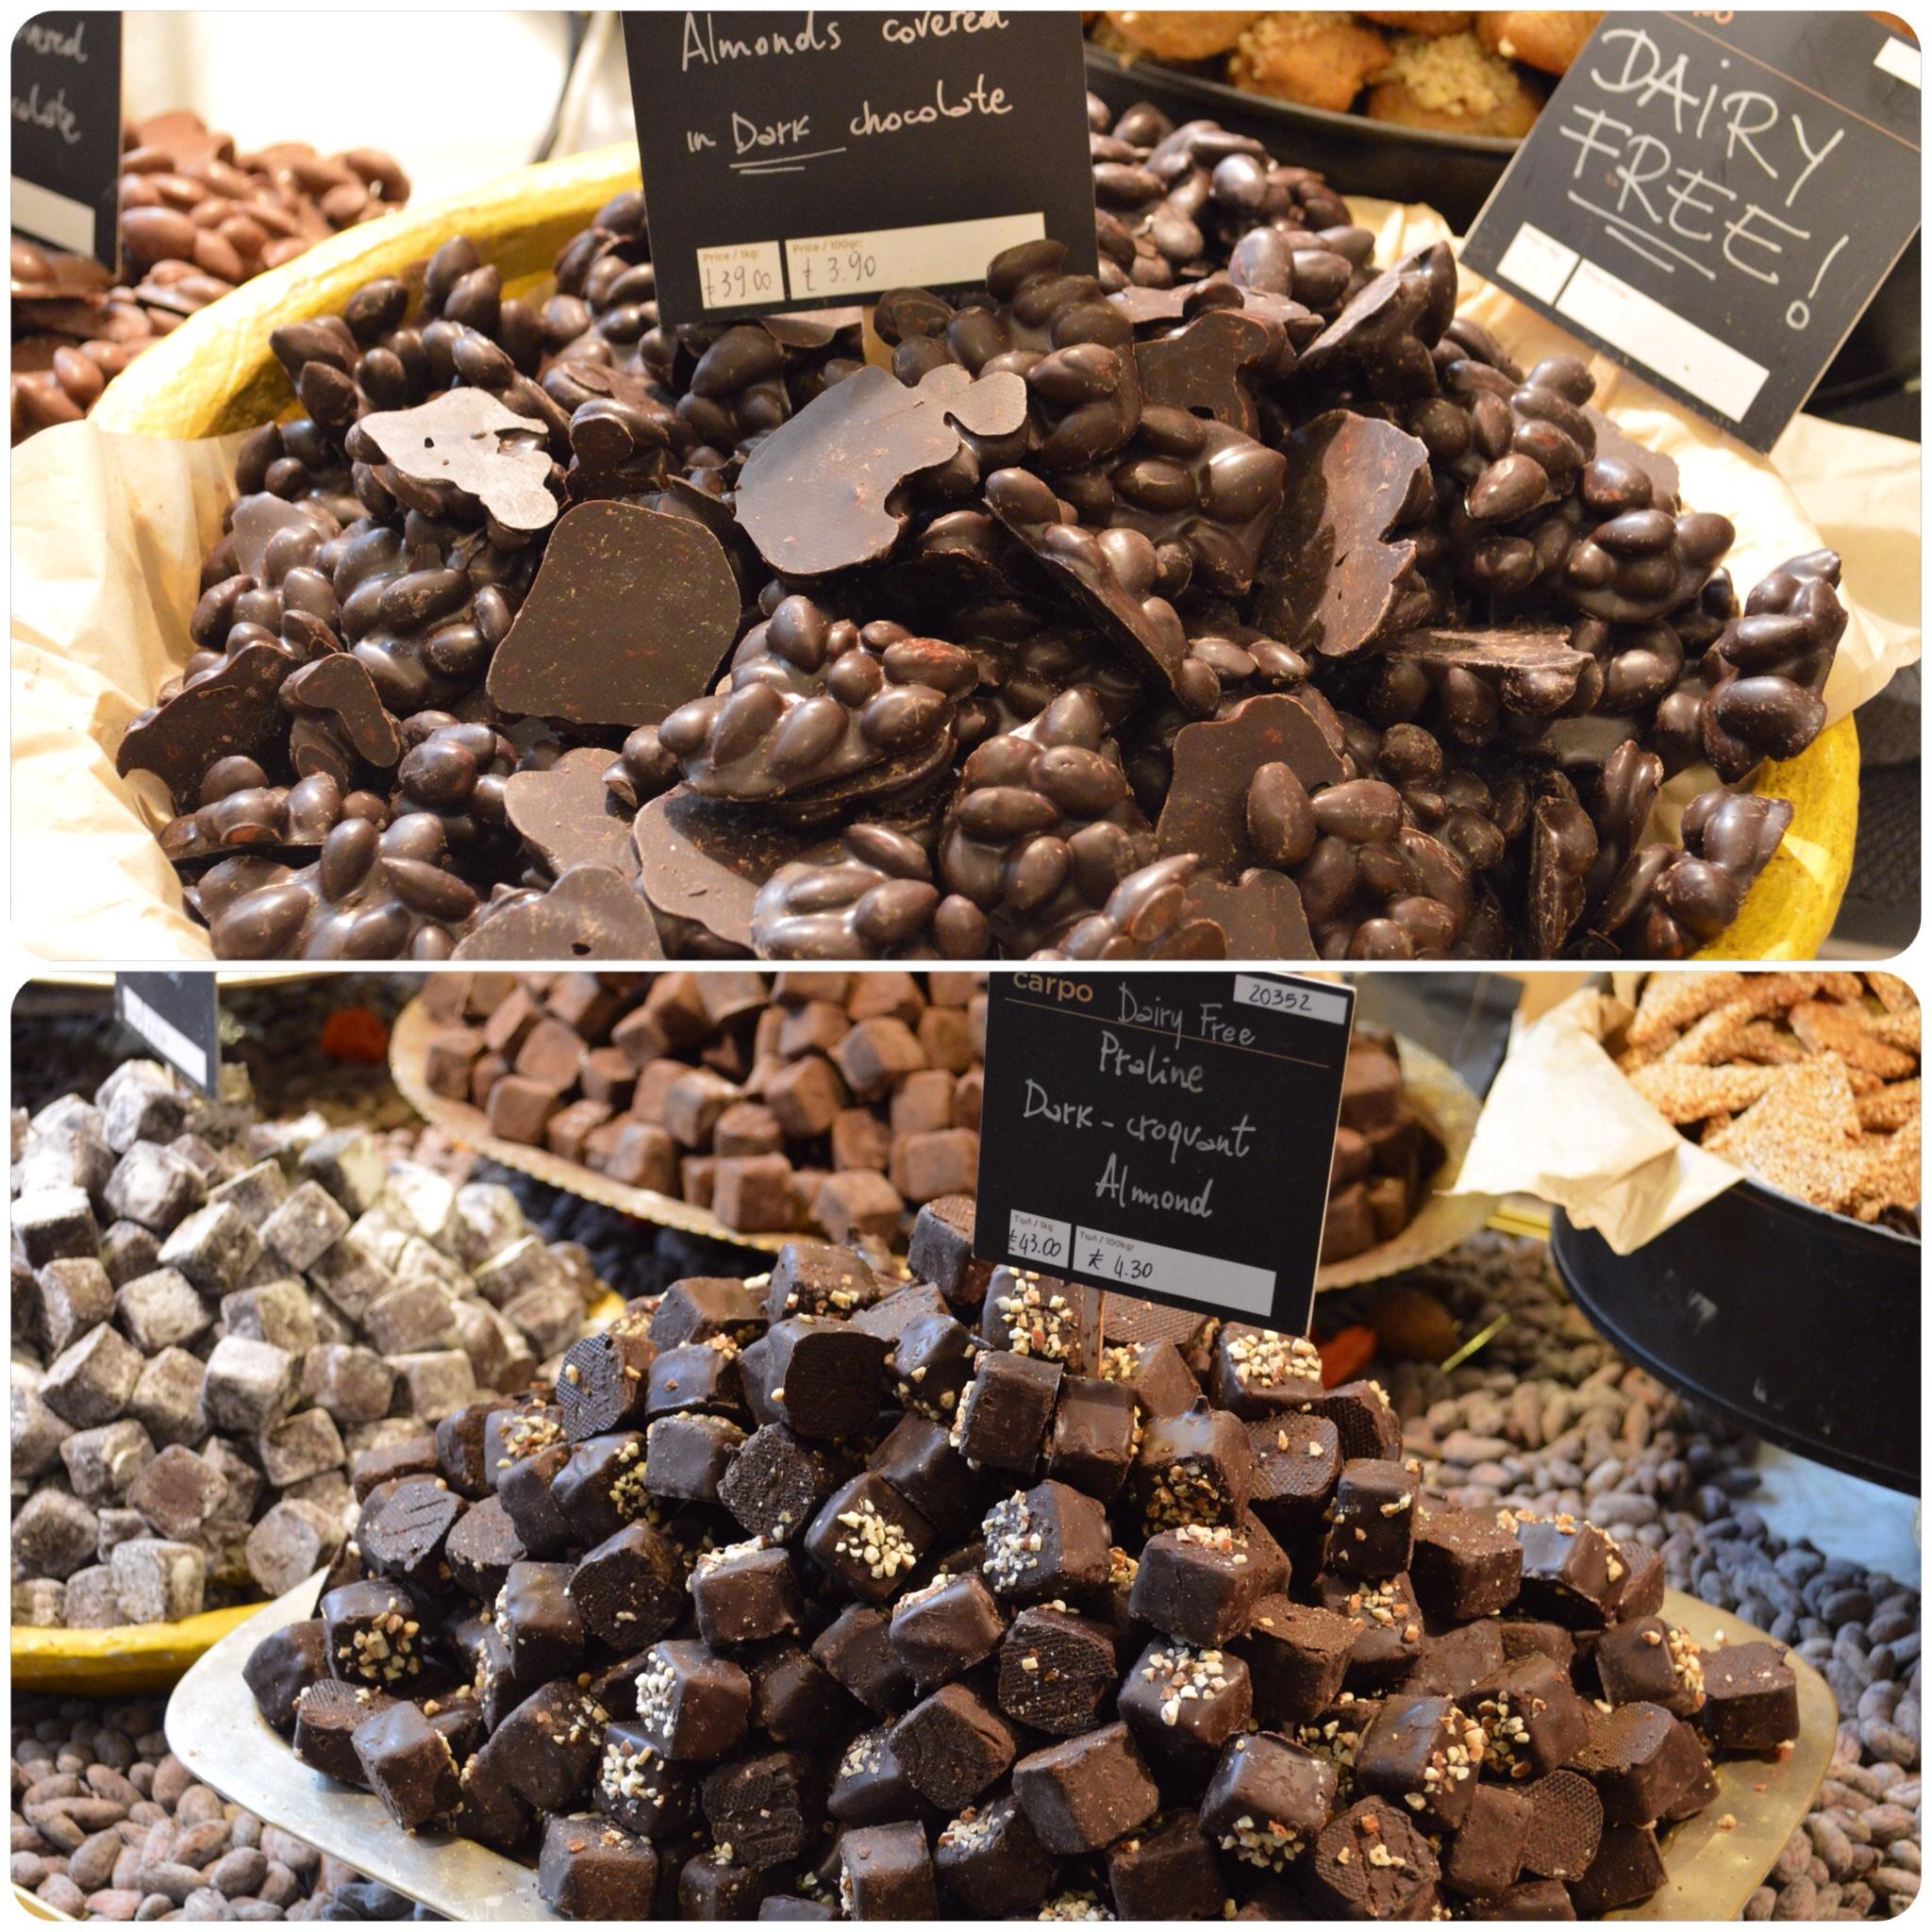 Carpo London - Chocolates